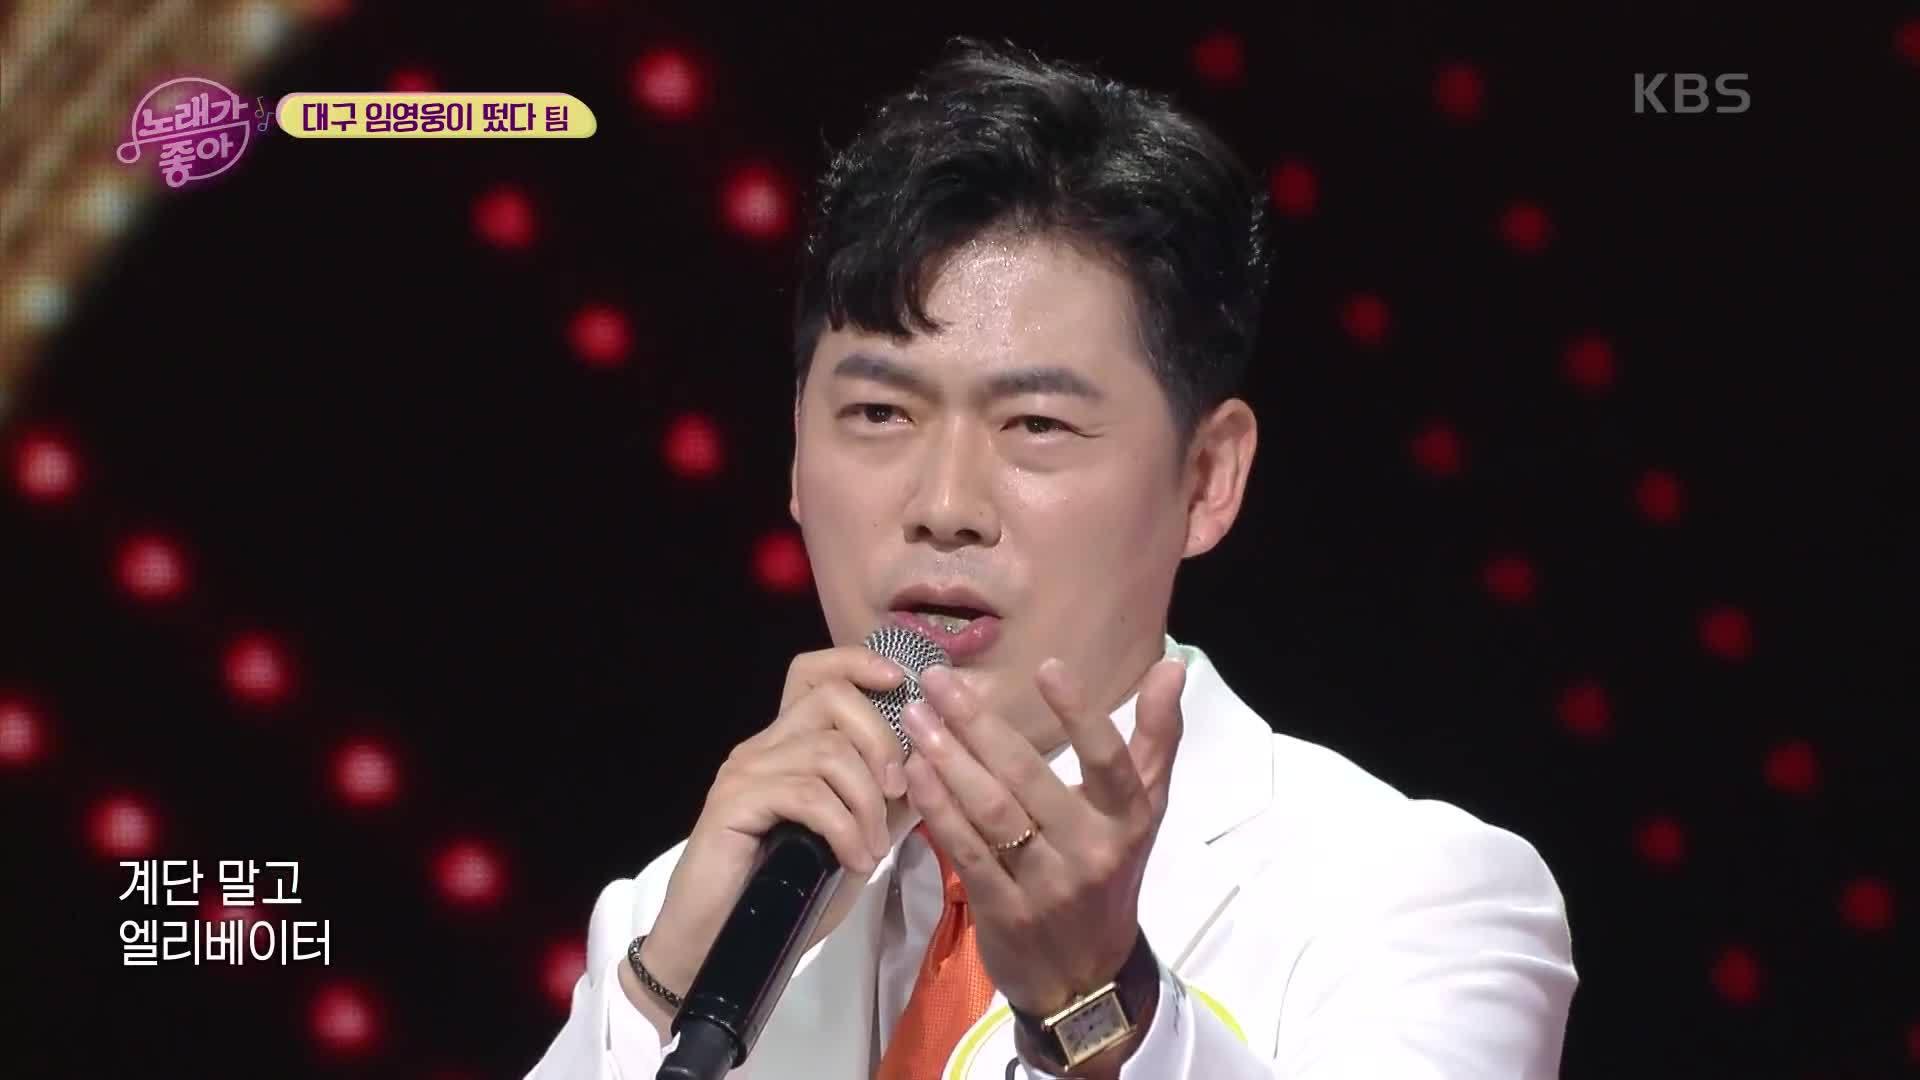 대구 임영웅이 떴다 - 계단 말고 엘리베이터 | KBS 211019 방송